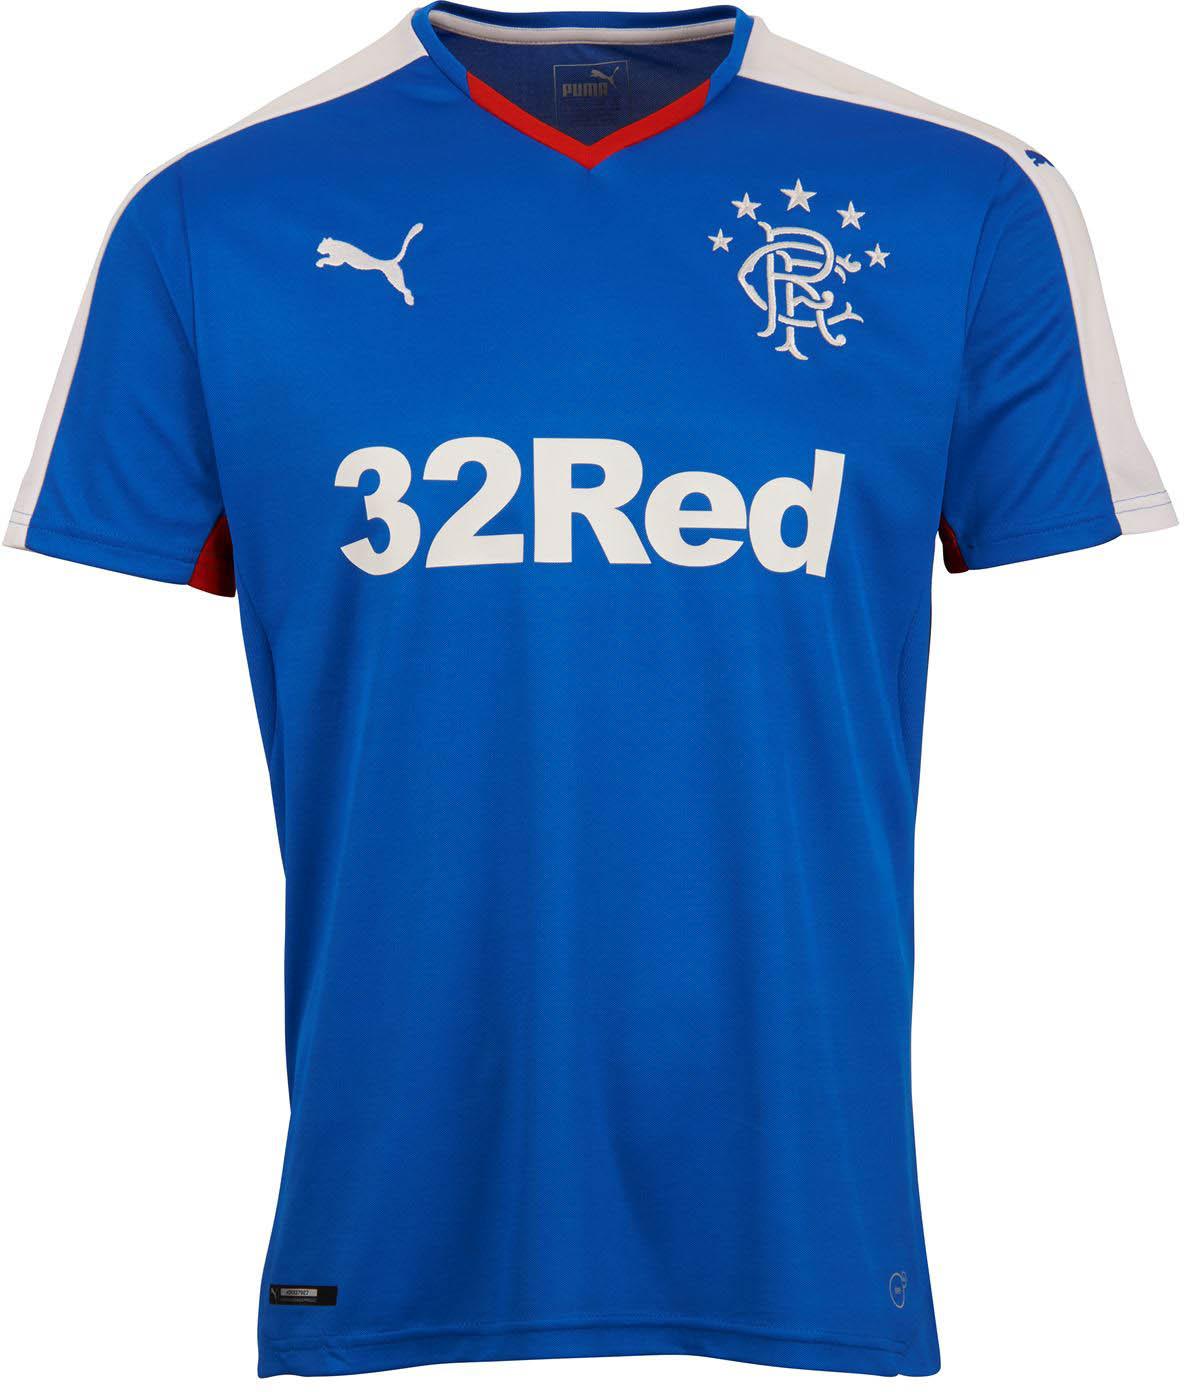 Rangers 15-16 Kits Released - Footy Headlines